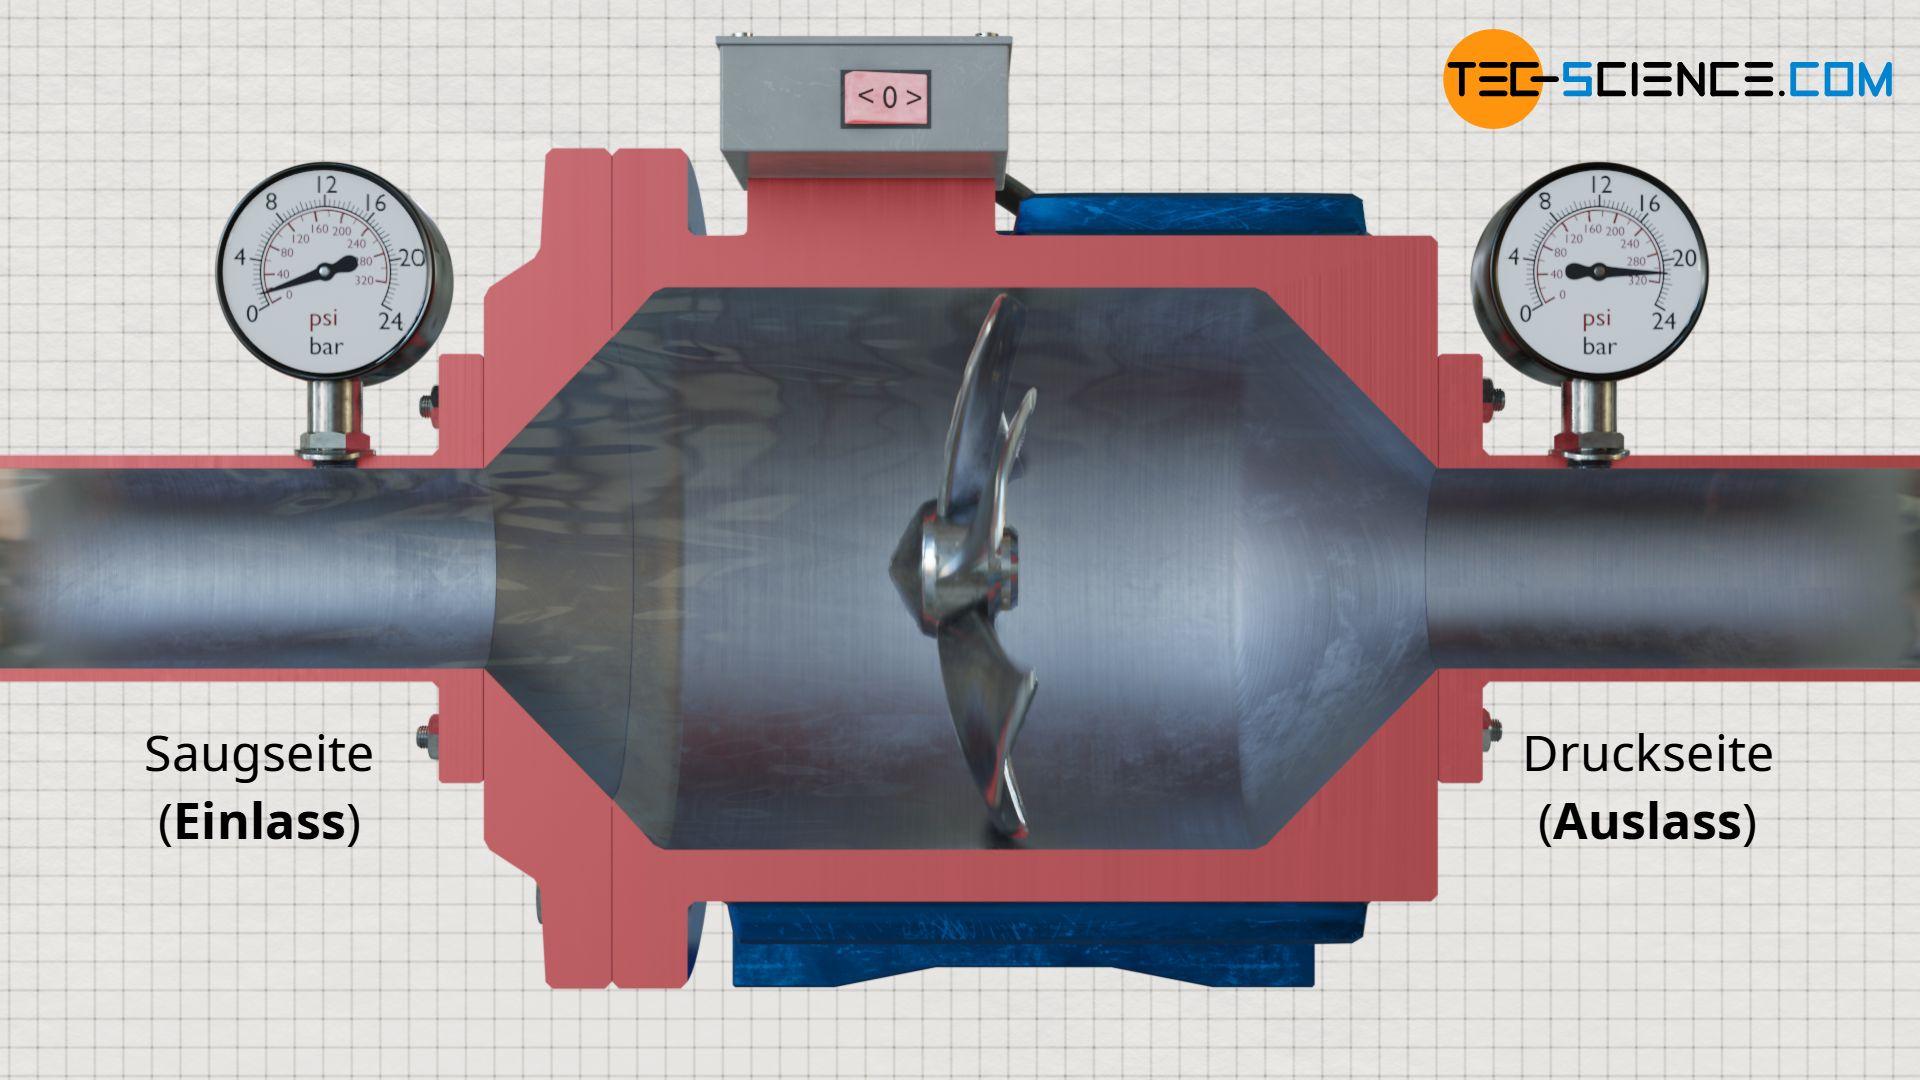 Prinzip der Druckerhöhung in Pumpen mittels rotierendem Laufrad (Impeller)